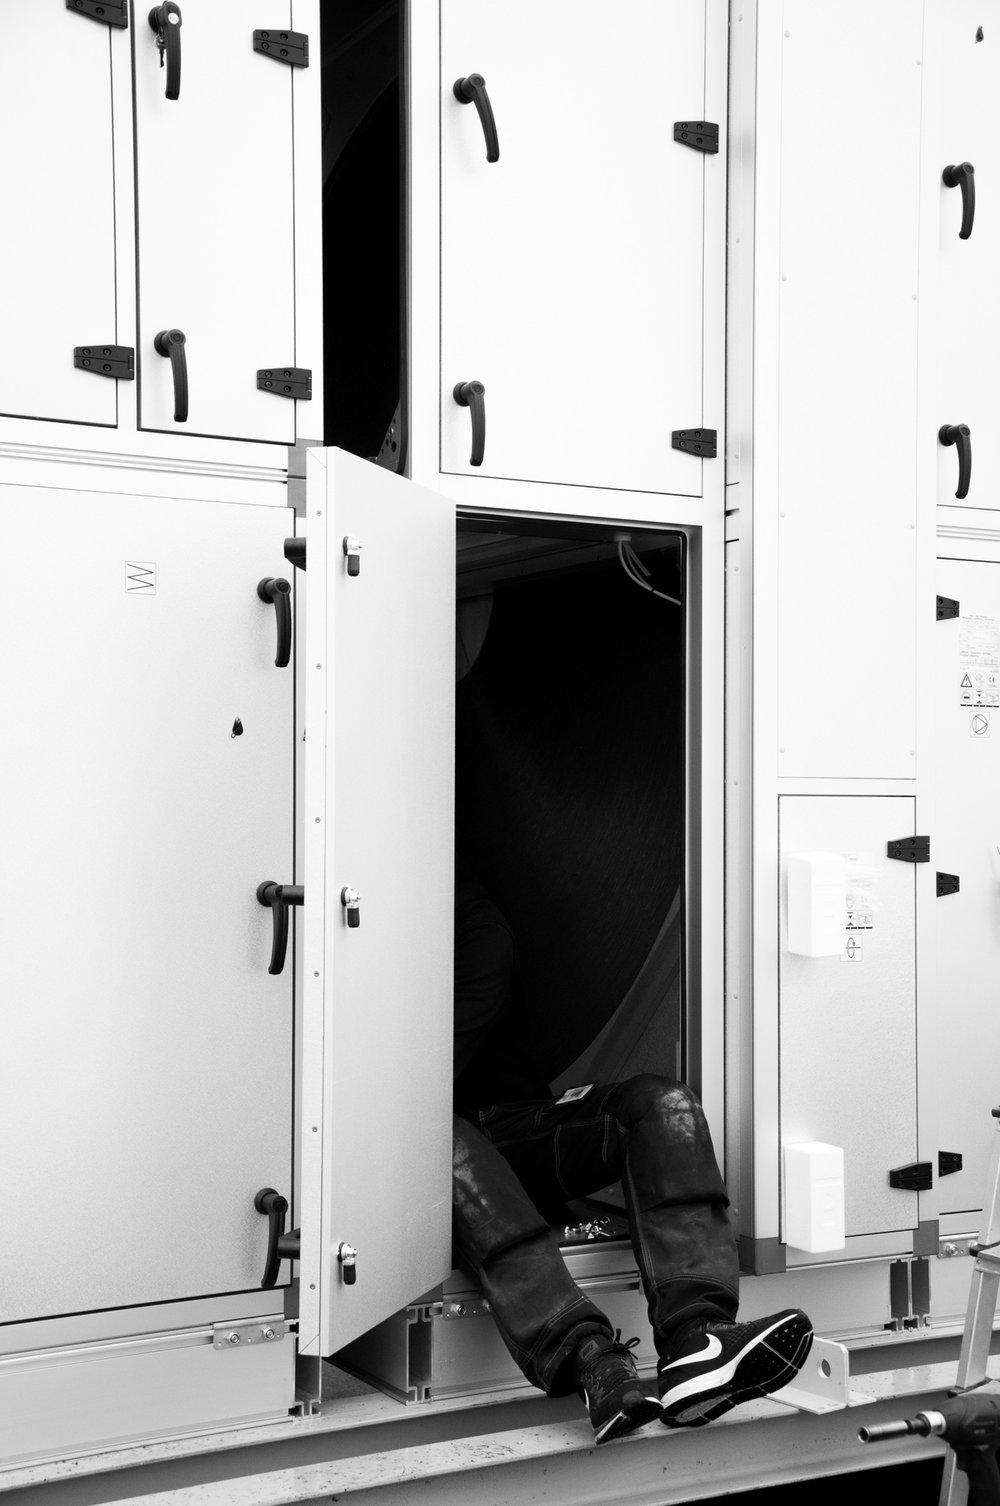 Servicetekniker, Montör  Ledig tjänst  Vi söker flera engagerade ventilationsmontörer till vår högkvalitativa verksamhet.  Vi söker dig som arbetat med montering av ventilationssystem några år och har erfarenhet om hur ett system fungerar som helhet och klarar av att arbeta självständigt.  Du behöver ha kunskap om hur man tolkar ventilationsritningar samt hur egenkontroller och återrapportering fungerar i praktiken. Vi ser det även som meriterande om du har erfarenhet av digital rapportering då alla våra interna system ligger webbaserat.  Körkort är önskvärt men inget krav. Vi lägger större vikt på personlig lämplighet, flexibilitet, samarbetsförmåga och noggrannhet.  Välkommen med din ansökan!  ansok@sterco.se